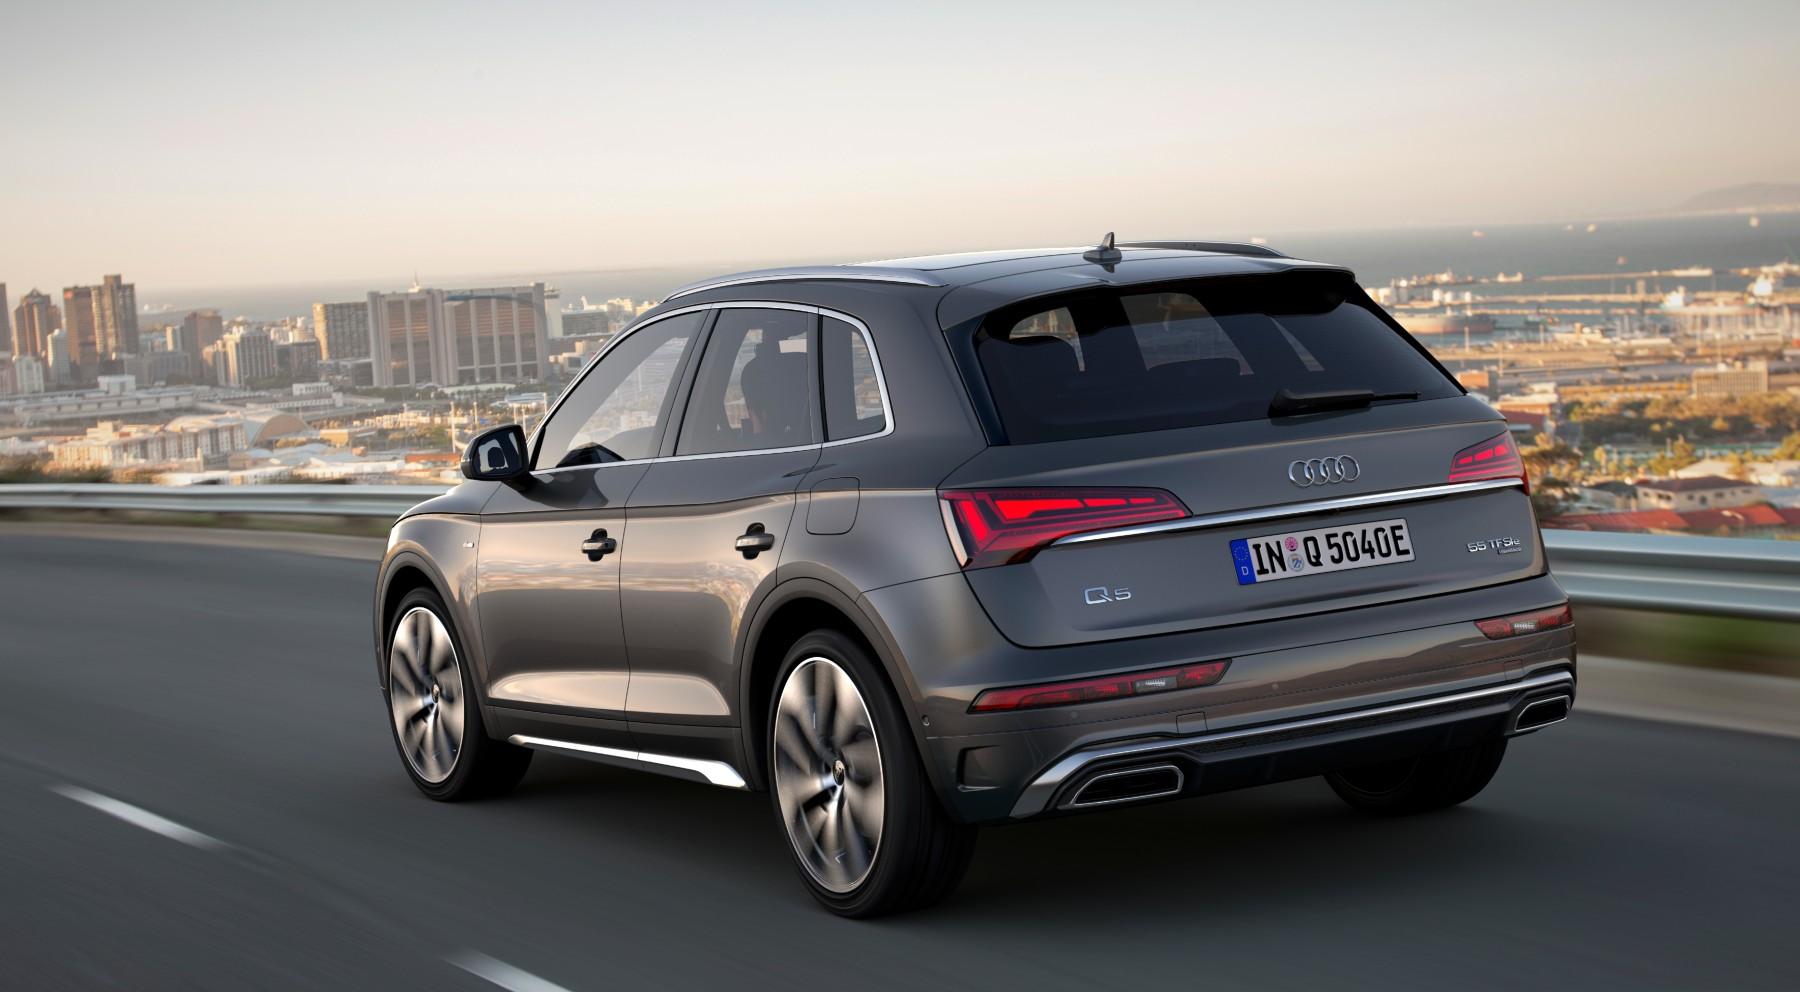 Audi Q5 híbrido enchufable